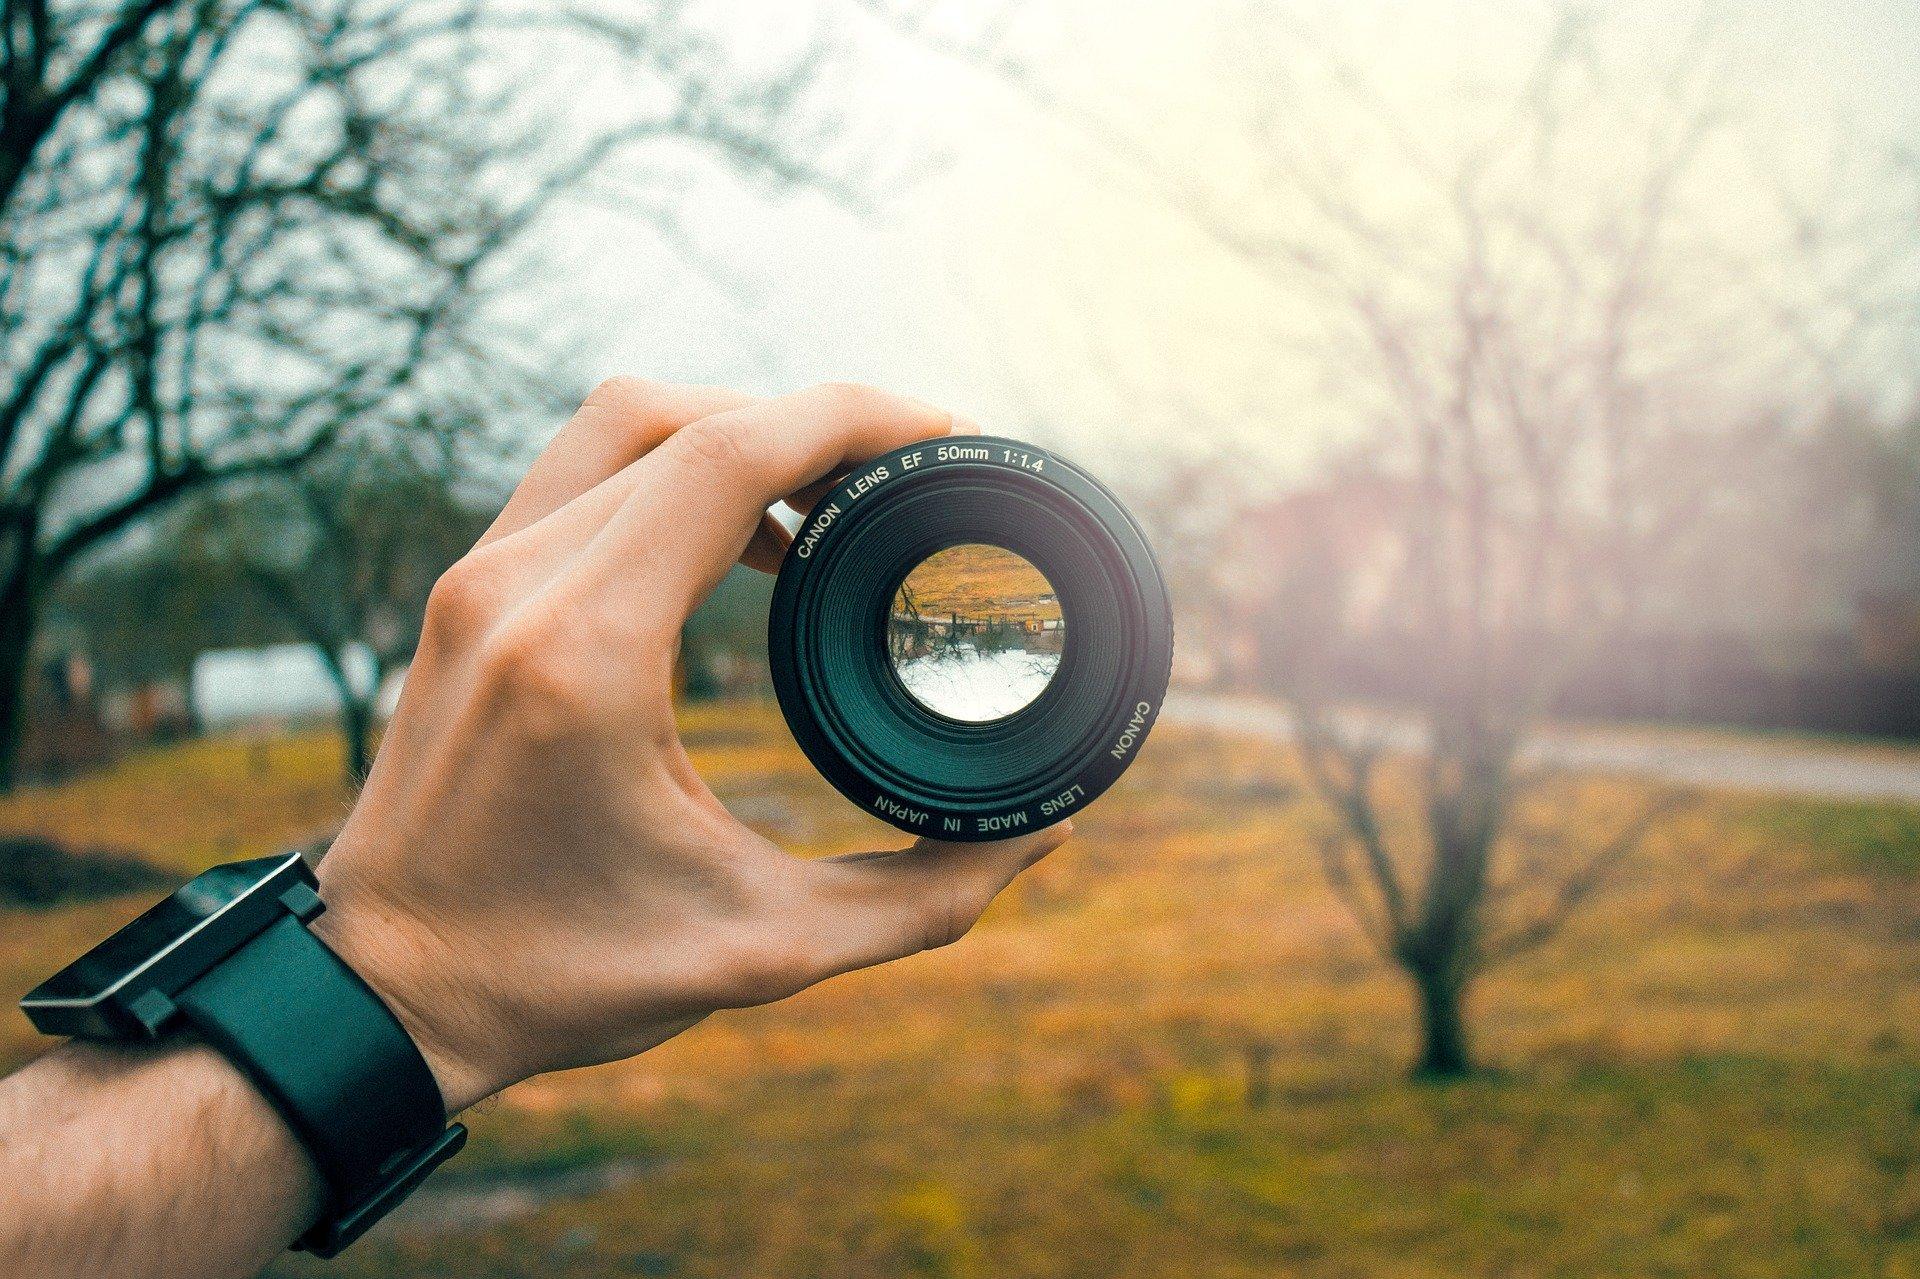 טיפים לצילום למתחילים - מה זה צמצם